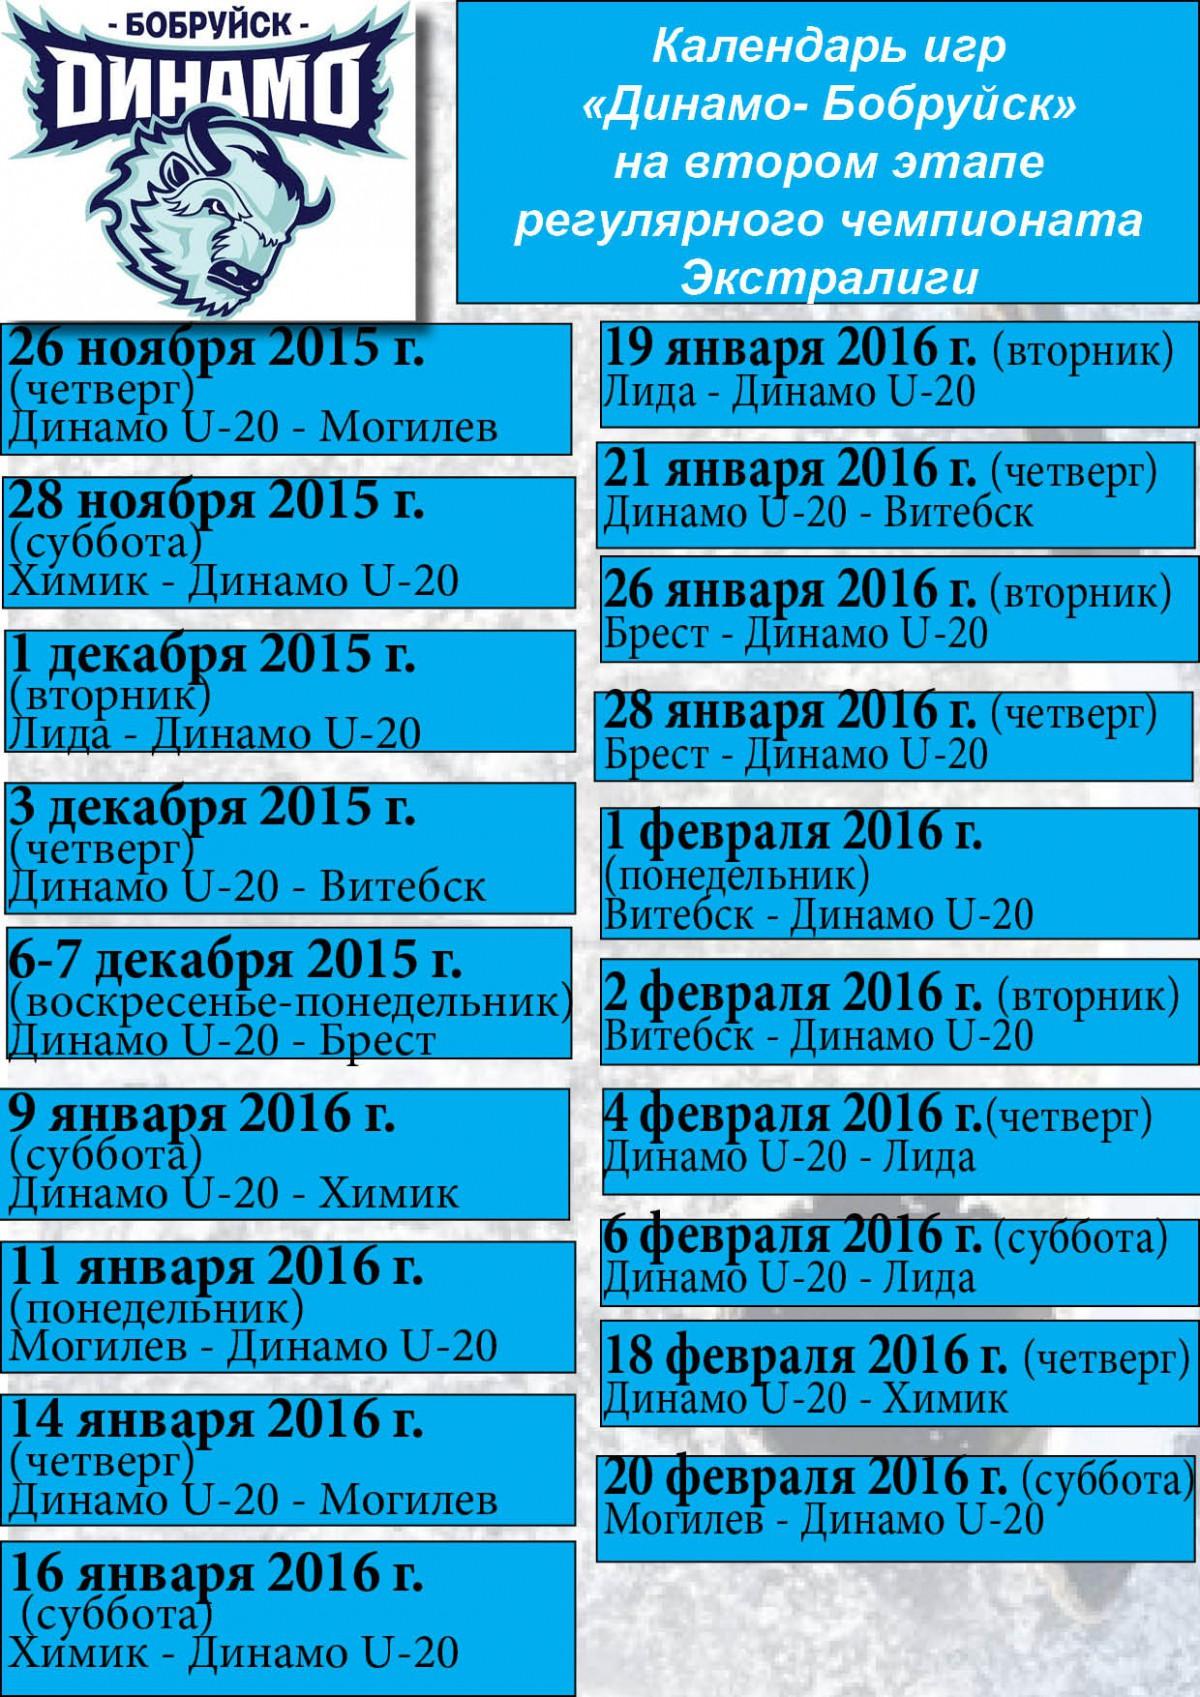 Динамо-Бобруйск